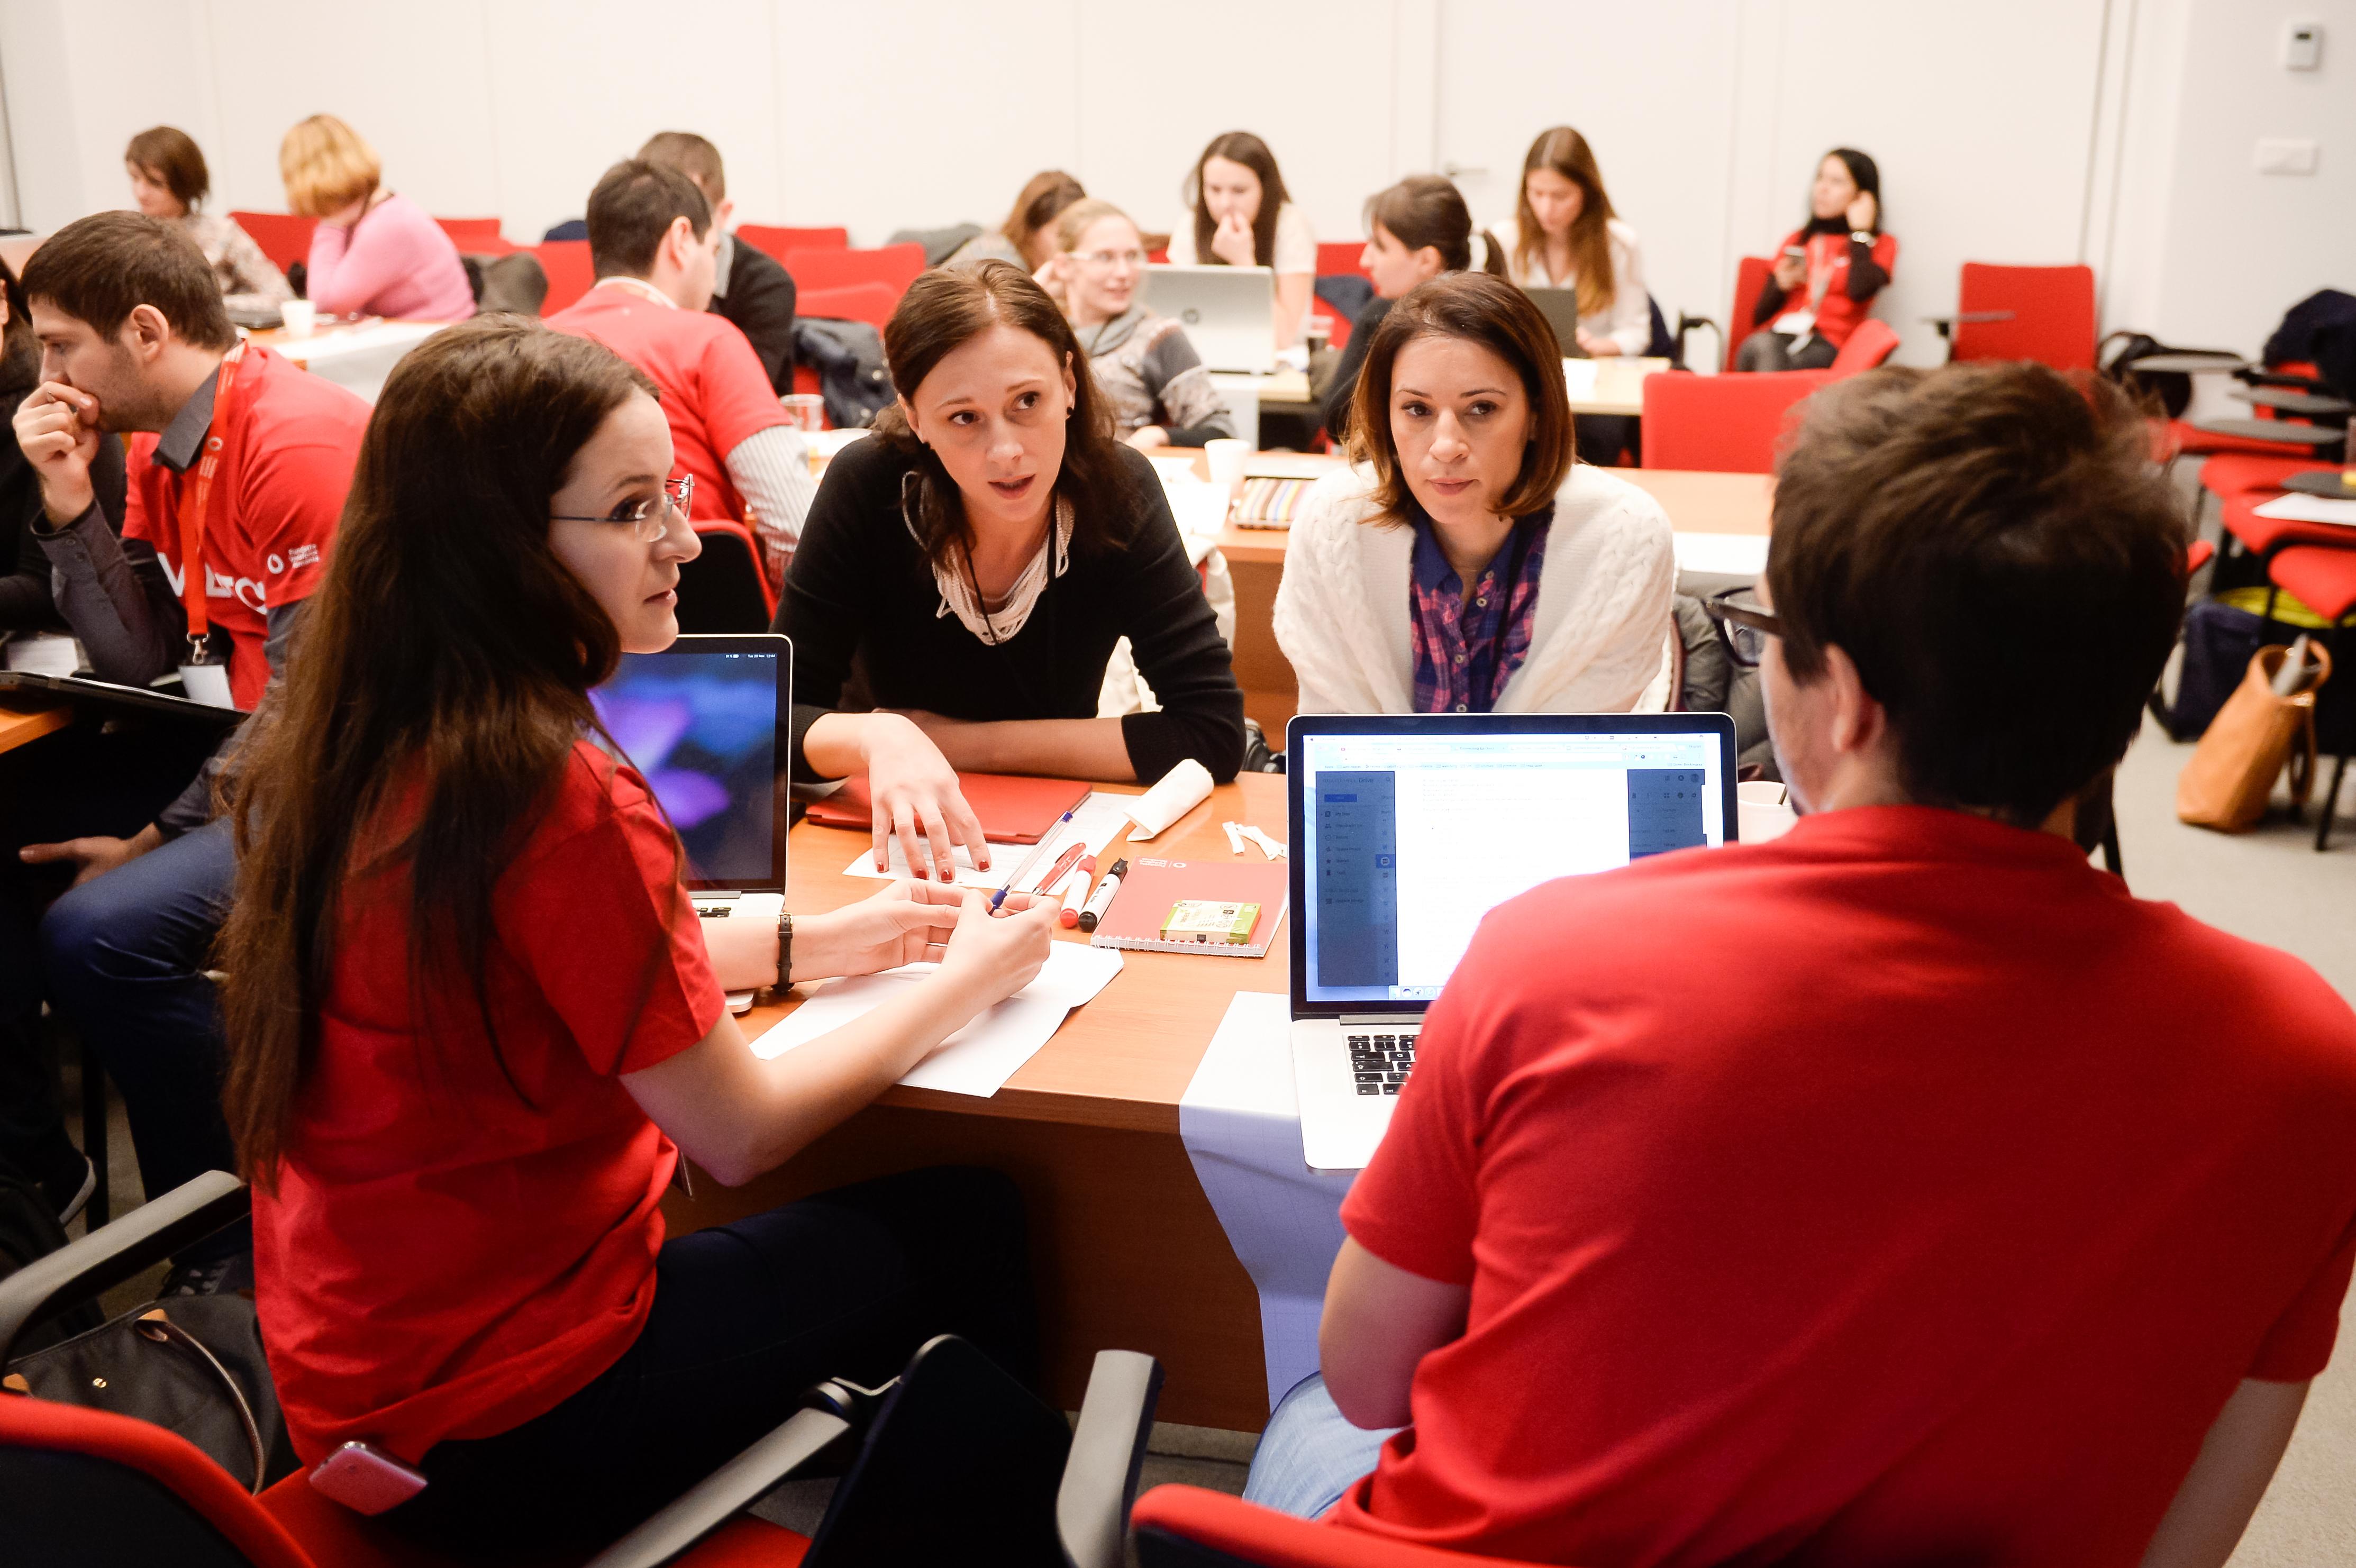 Fundația Vodafone România susține Civic Lab în găsirea de soluții digitale pentru nevoile din sănătate și educație